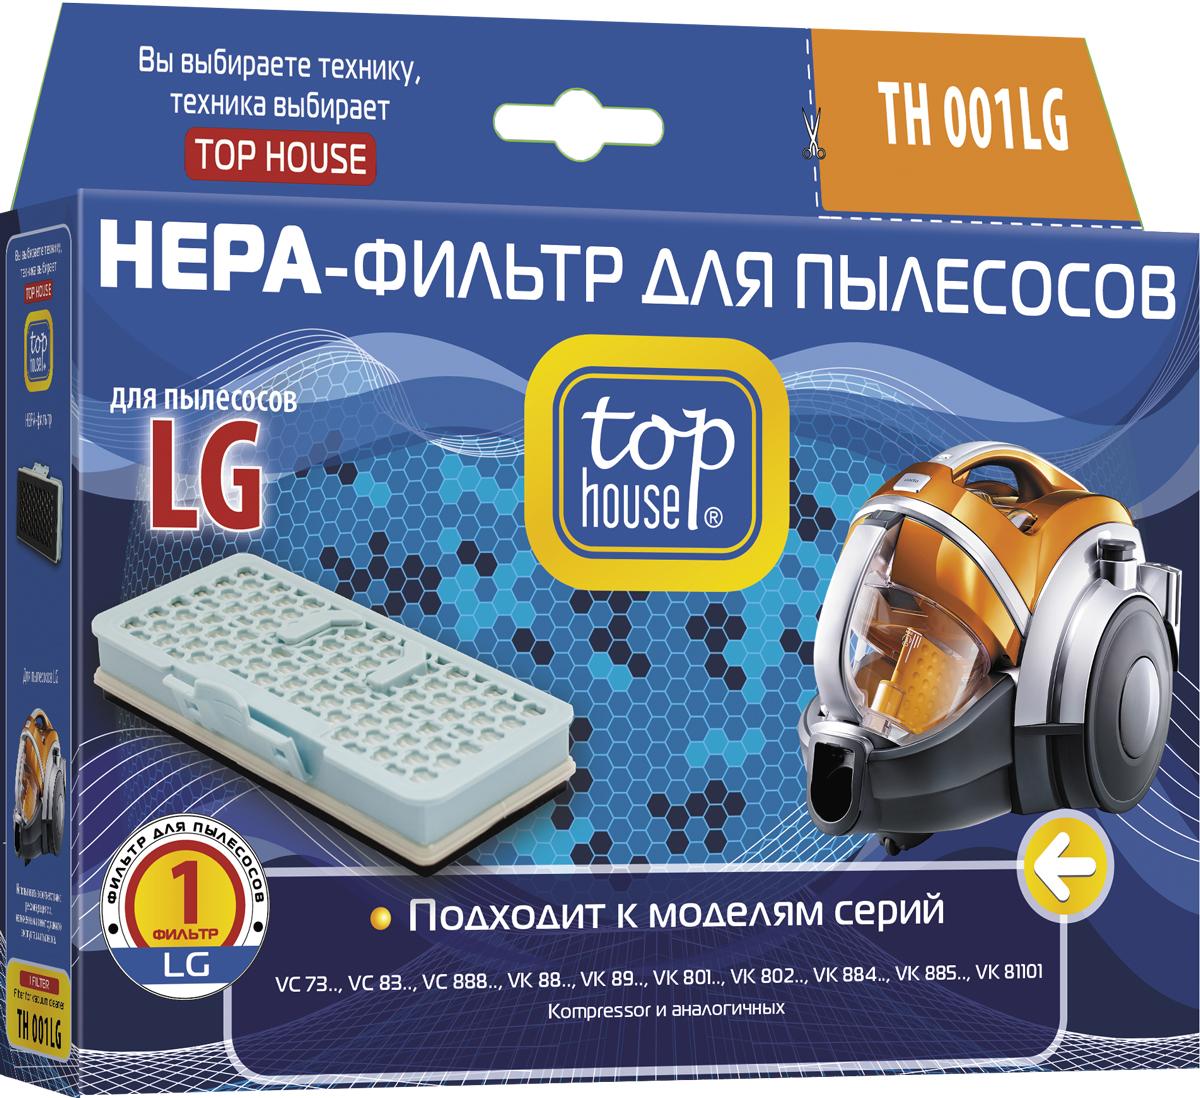 Top House TH 001LG HEPA-фильтр для пылесосов LG392791Top House TH 001LG HEPA-Фильтр для пылесосов LG. HЕРА-Фильтр Top House изготовлен в Германии из специального материала. Высокая степень фильтрации НЕРА-Фильтра позволяет очистить воздух от бактерий, пыльцы растений, спор плесени и пылевых клещей. Размер отфильтрованных частиц 0,0003 мм, что в 233 раза тоньше человеческого волоса. Рекомендуется использовать HEPA-фильтр для пылесоса людям, чувствительным к домашней пыли или страдающим аллергией, а также, если в доме есть маленькие дети.